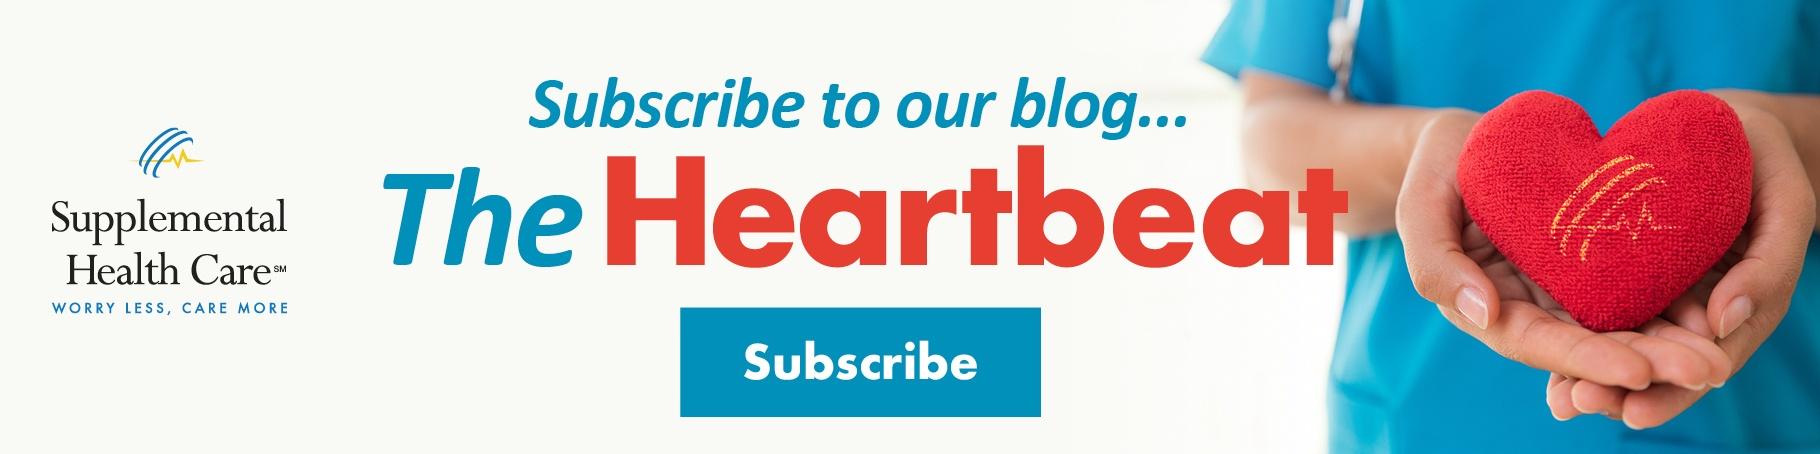 blog subscribe schools